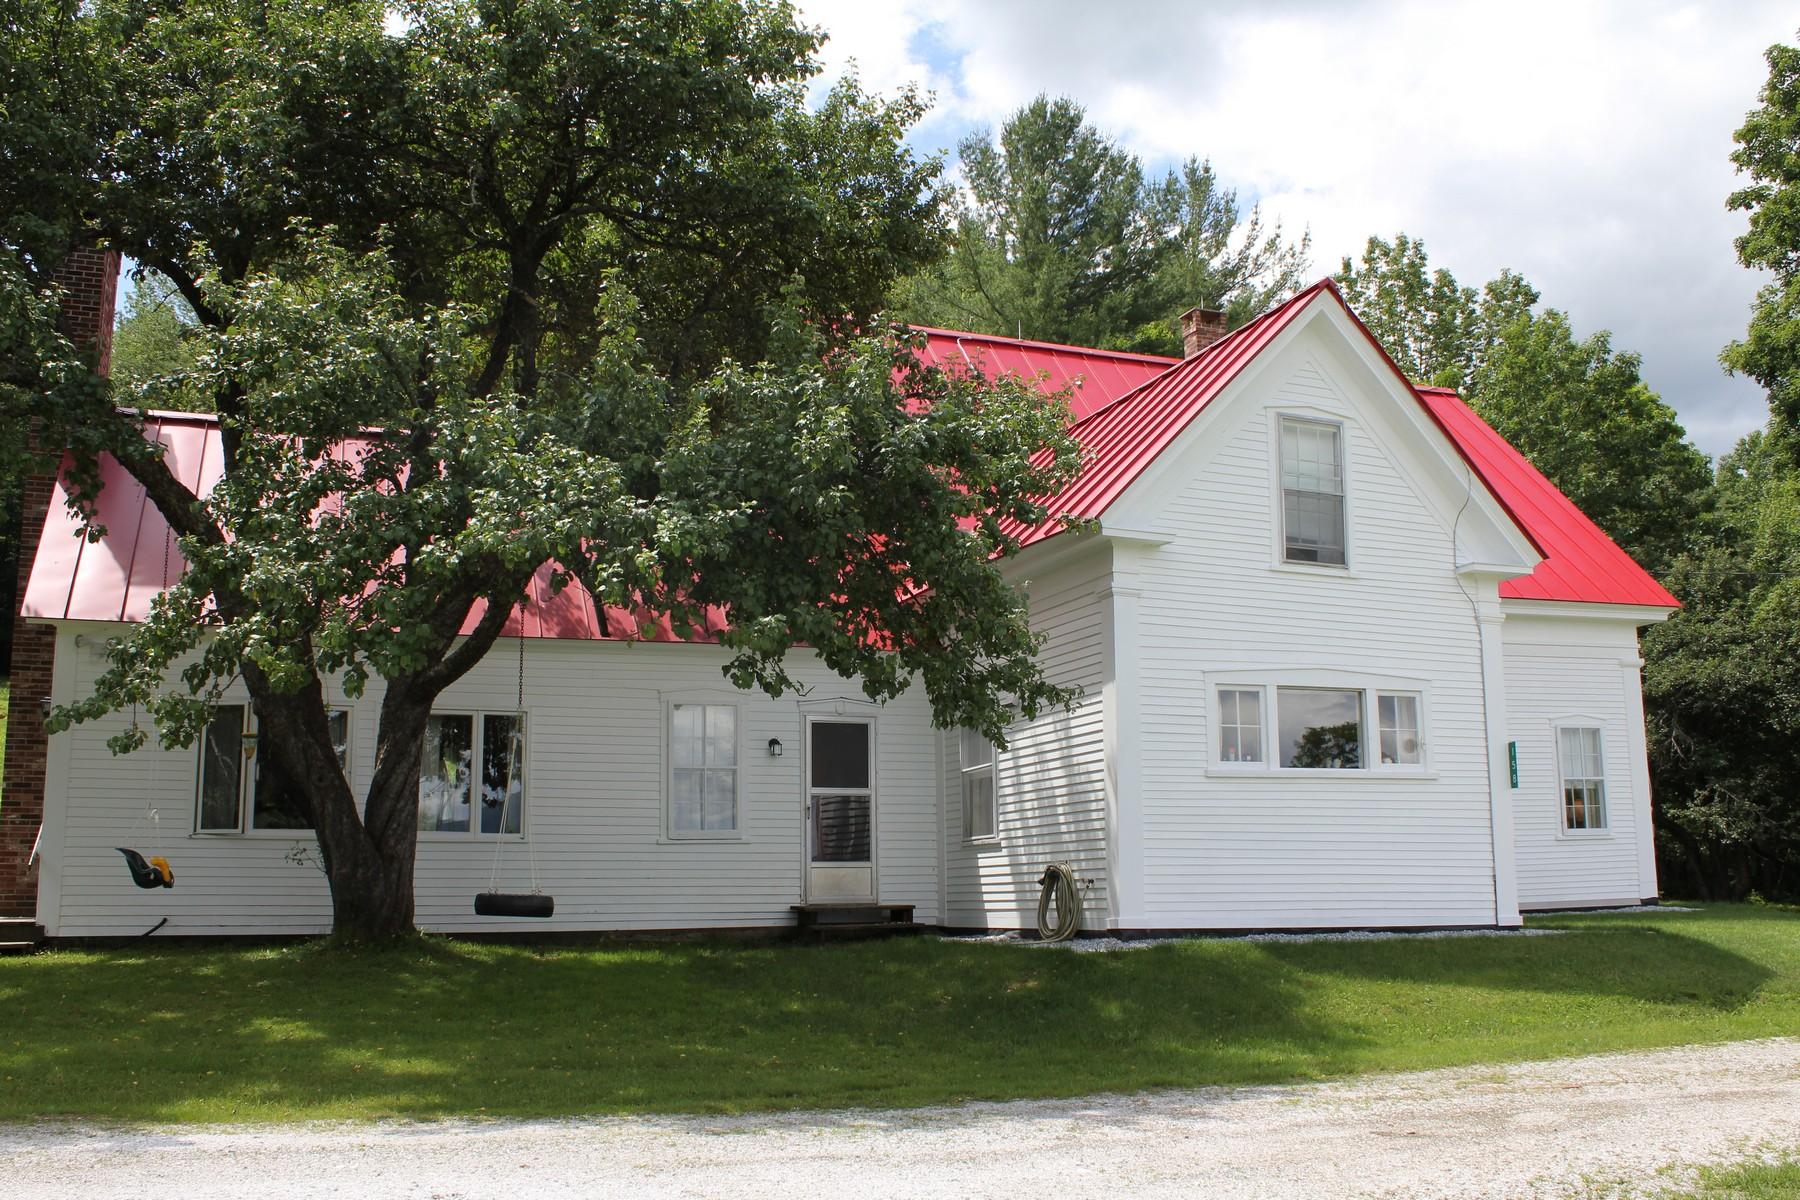 단독 가정 주택 용 임대 에 A beautiful setting in the country! 158 Johnson Ln Mount Holly, 베르몬트, 05758 미국